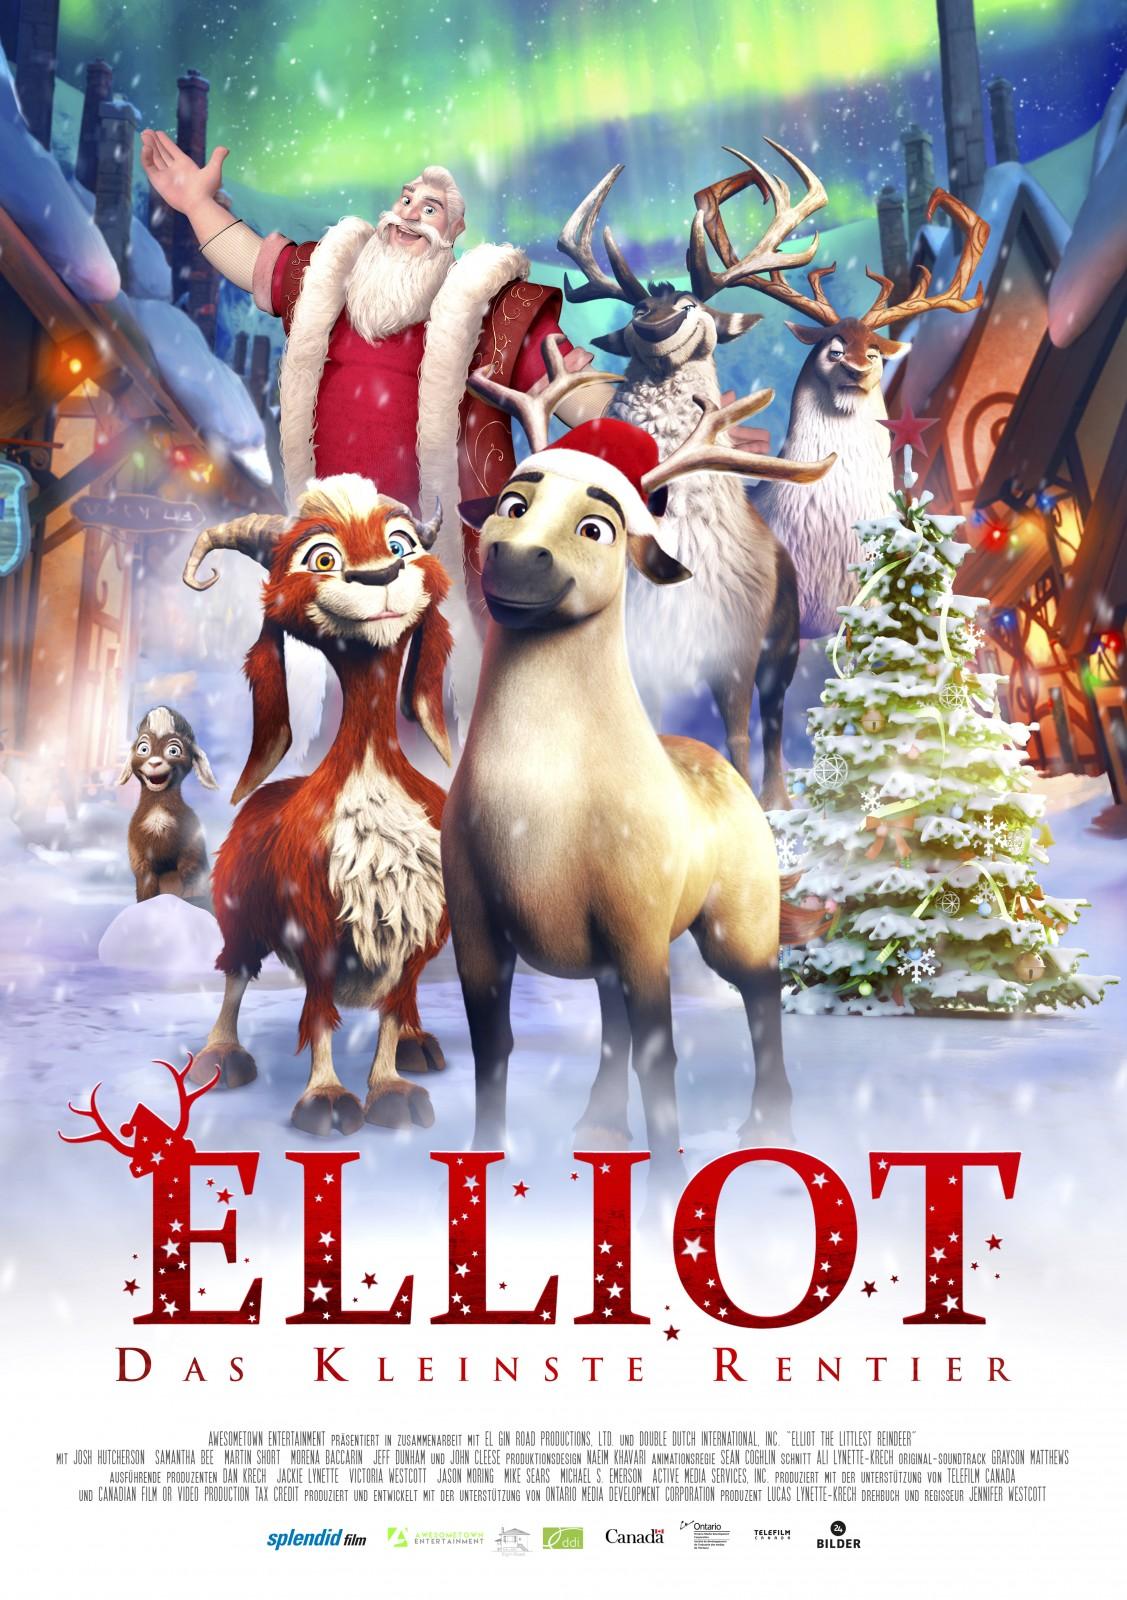 splendid film | Elliot - Das kleinste Rentier